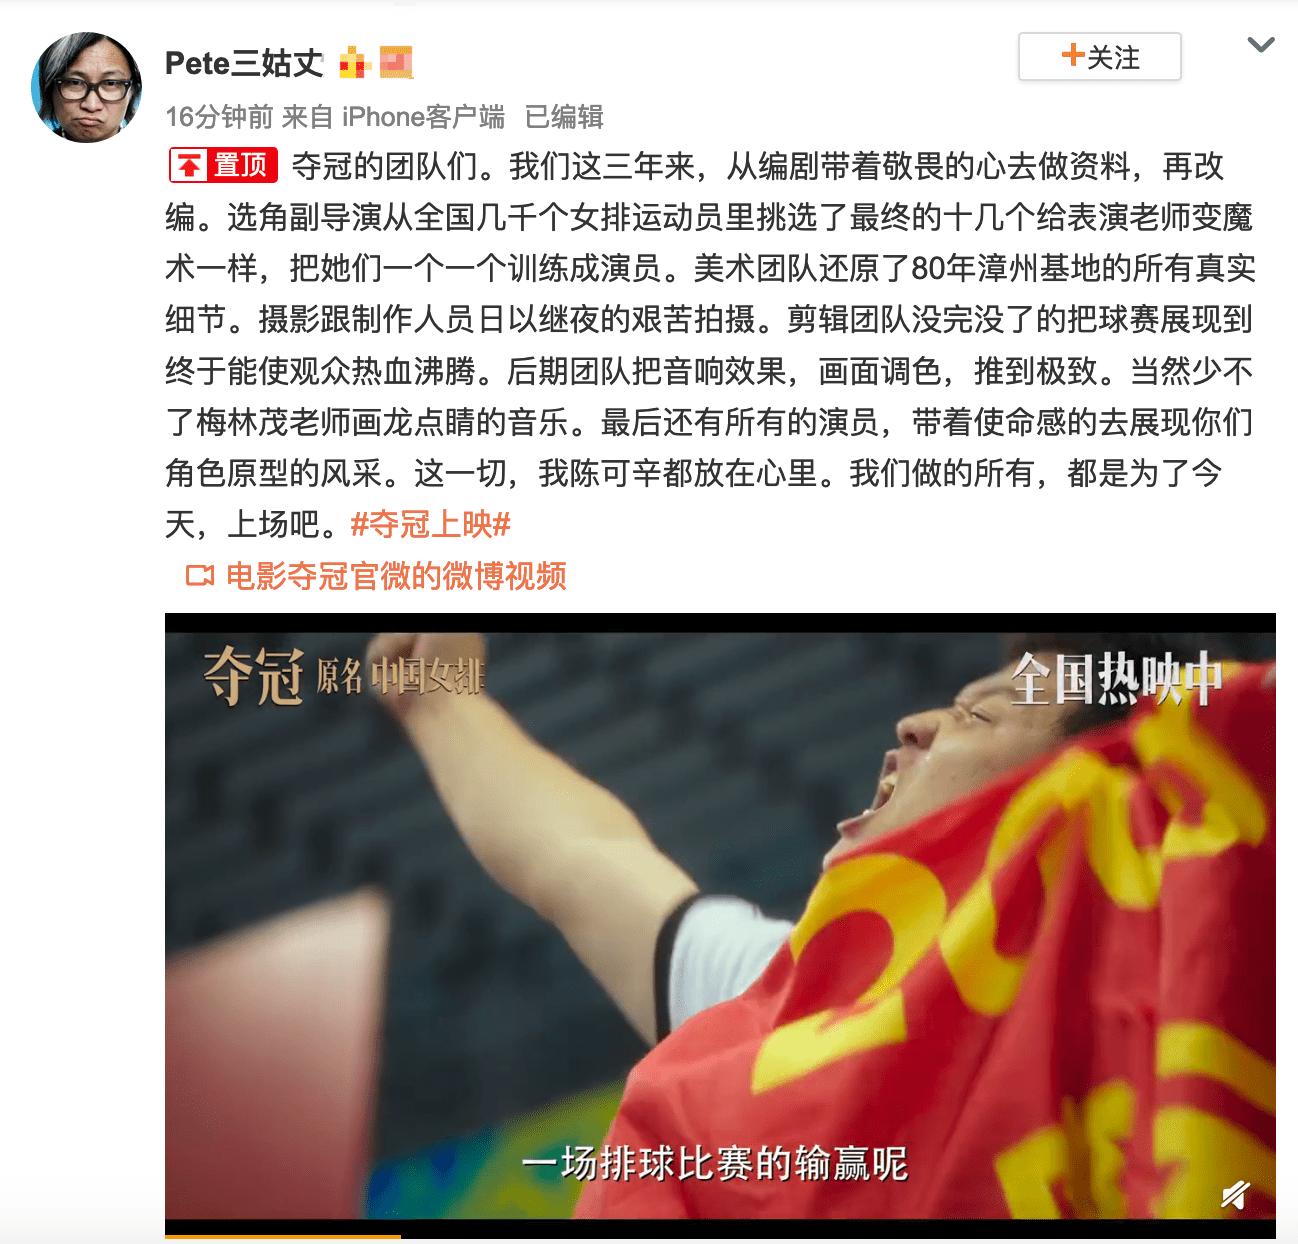 电影《夺冠》上映 导演陈可辛发文分享幕后艰辛和努力